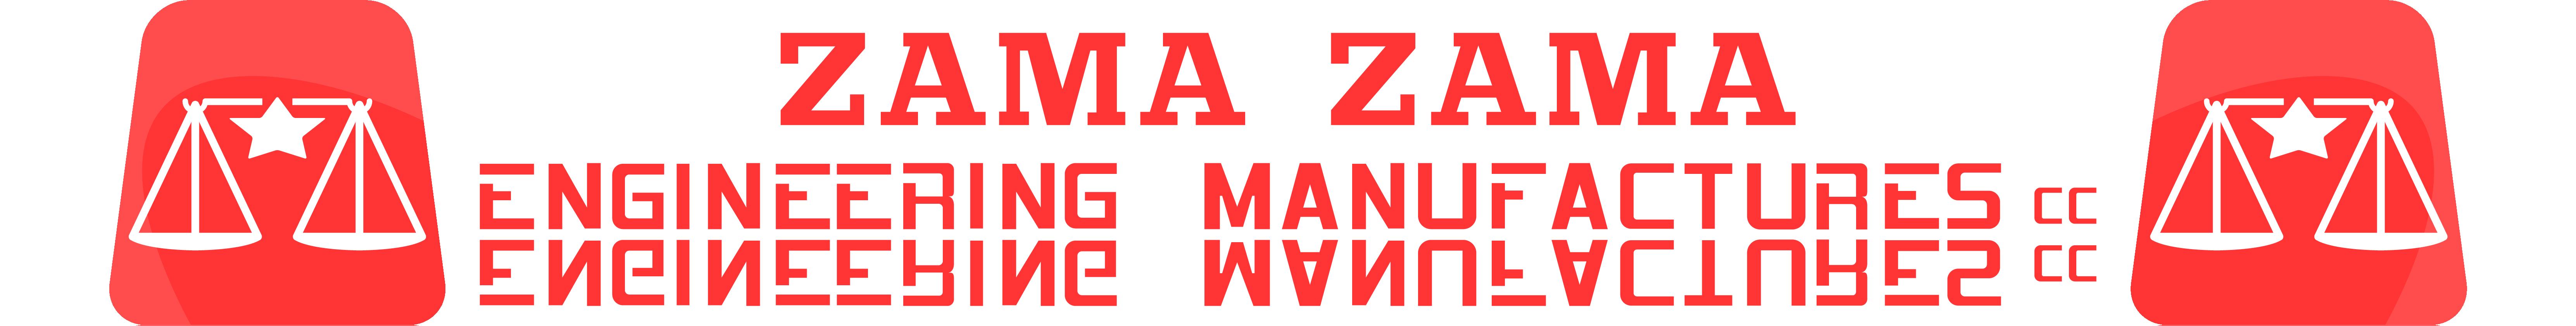 Zamazama